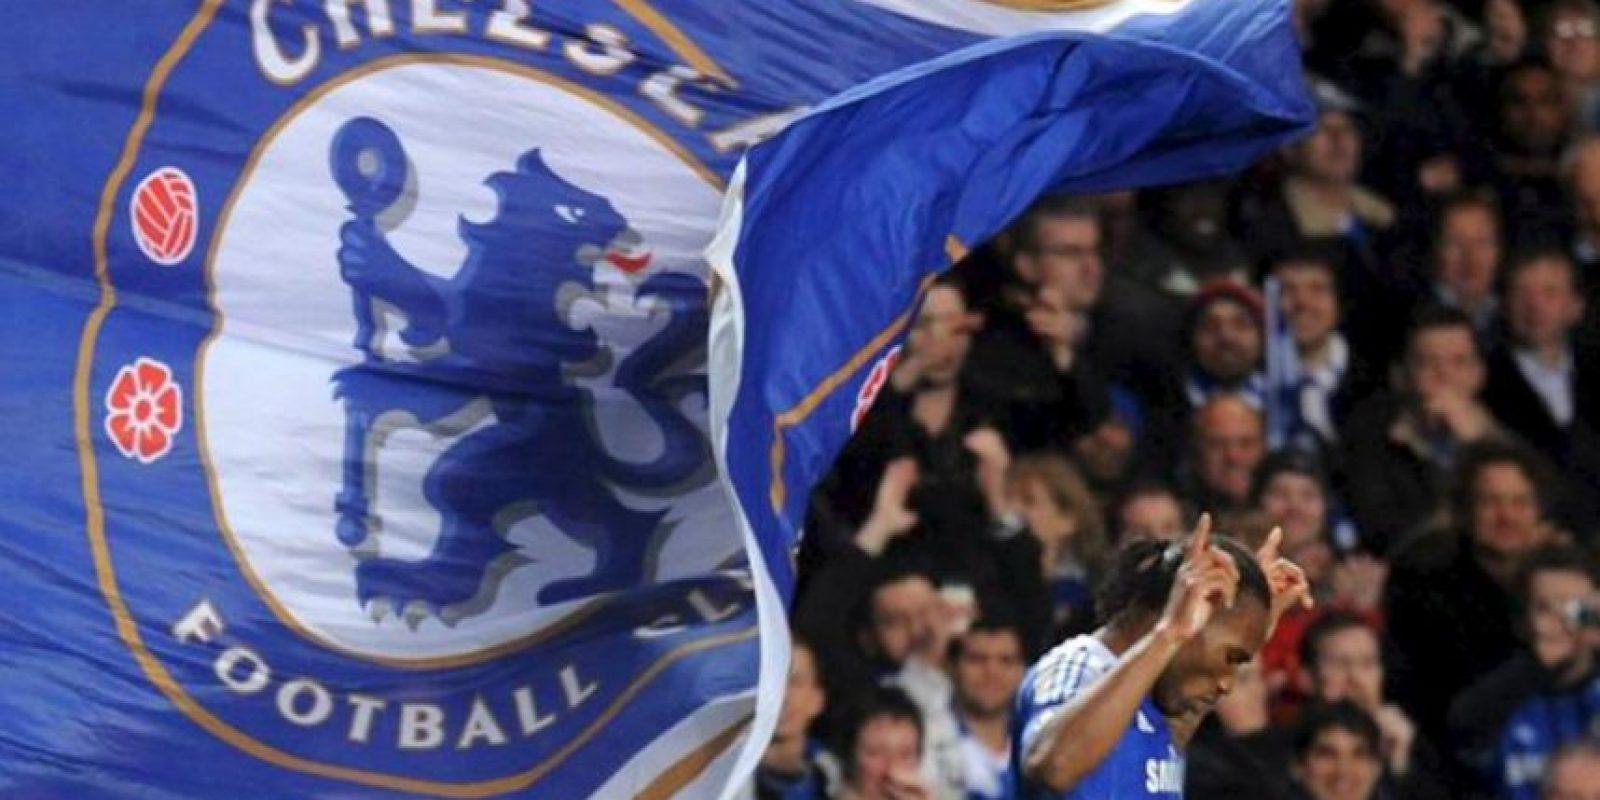 El jugador del Chelsea, Didier Drogba celebra una anotación ante el Barcelona durante el juego de ida de la semifinal de la Liga de Campeones, que se disputa en el Stamford Bridge de Londres (R.Unido). Chelsea ganó 1-0. EFE/Archivo